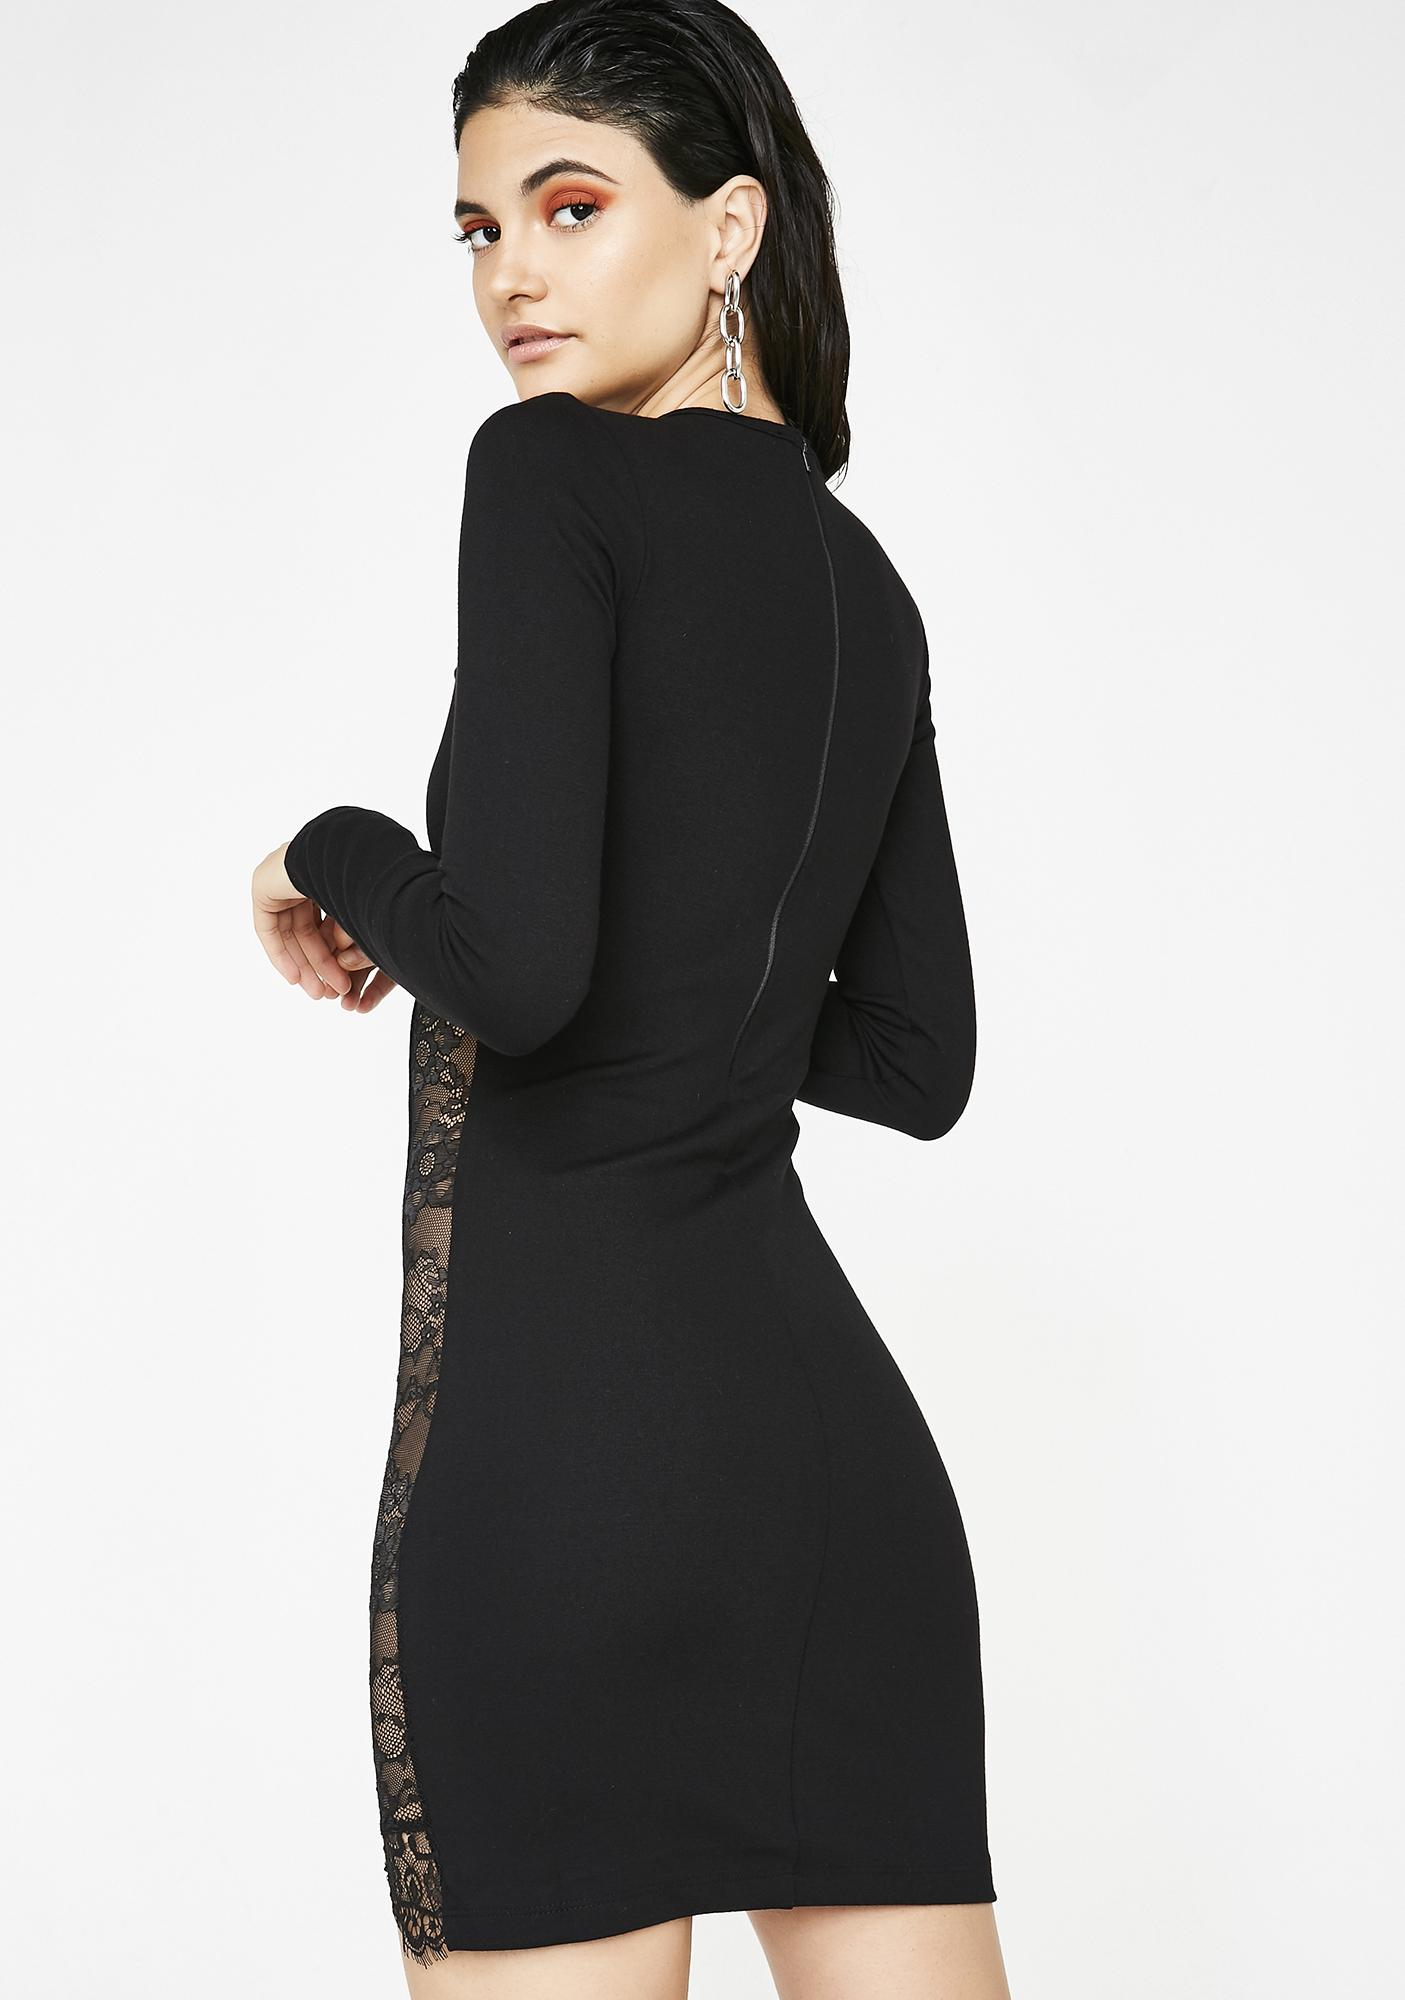 Kiki Riki Film Noir Lace Dress